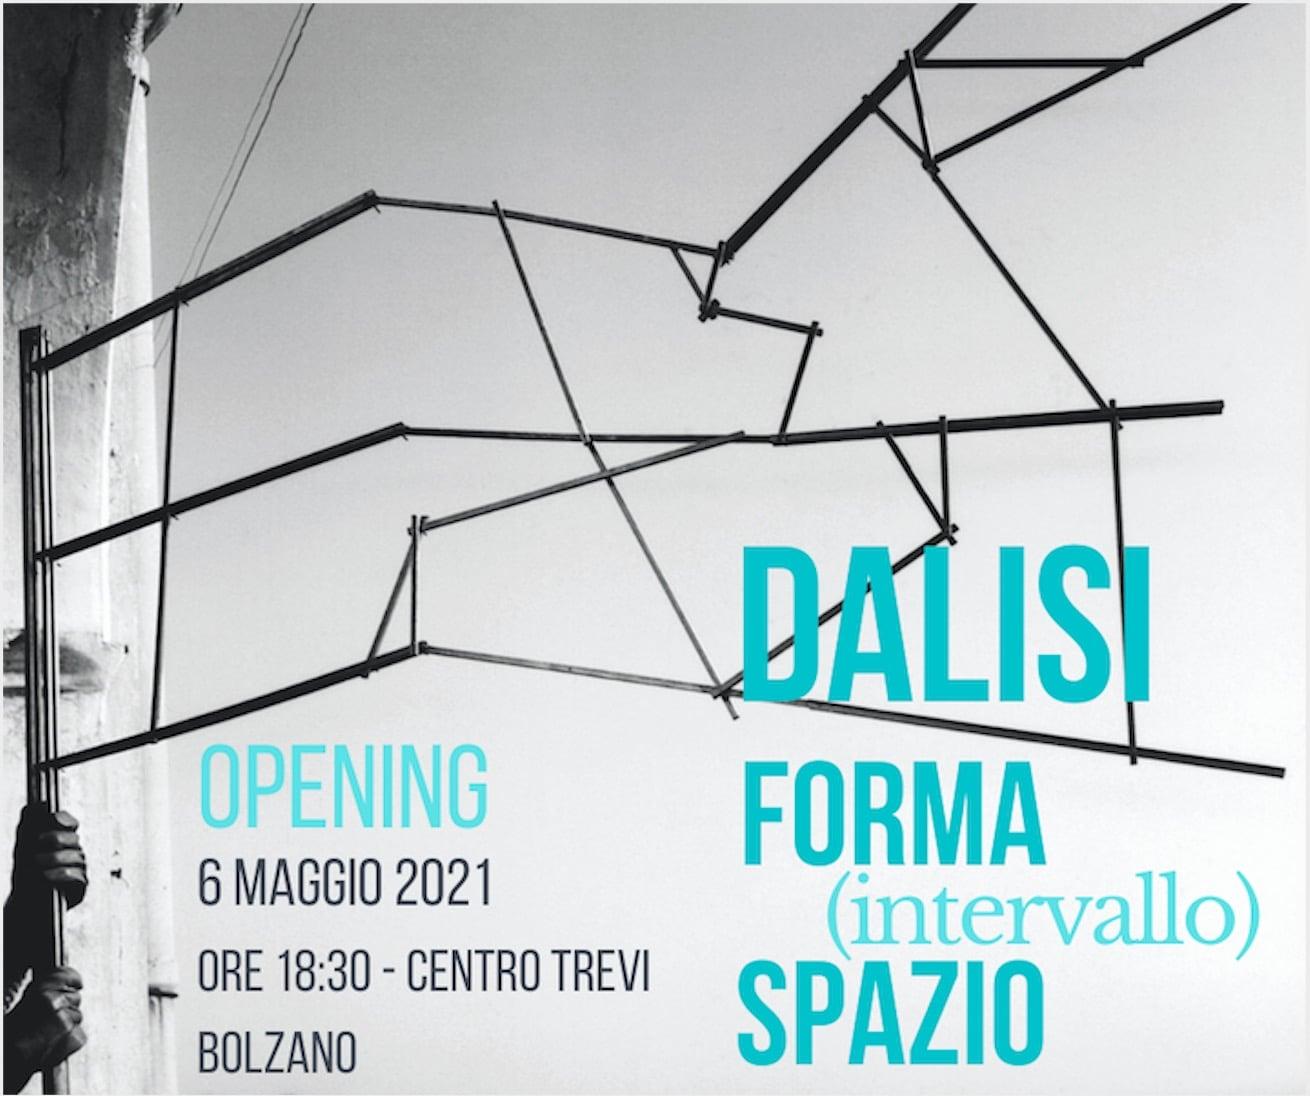 Bolzano, Riccardo Dalisi in mostra al Centro Trevi - Forma Intervallo Spazio  - YM!